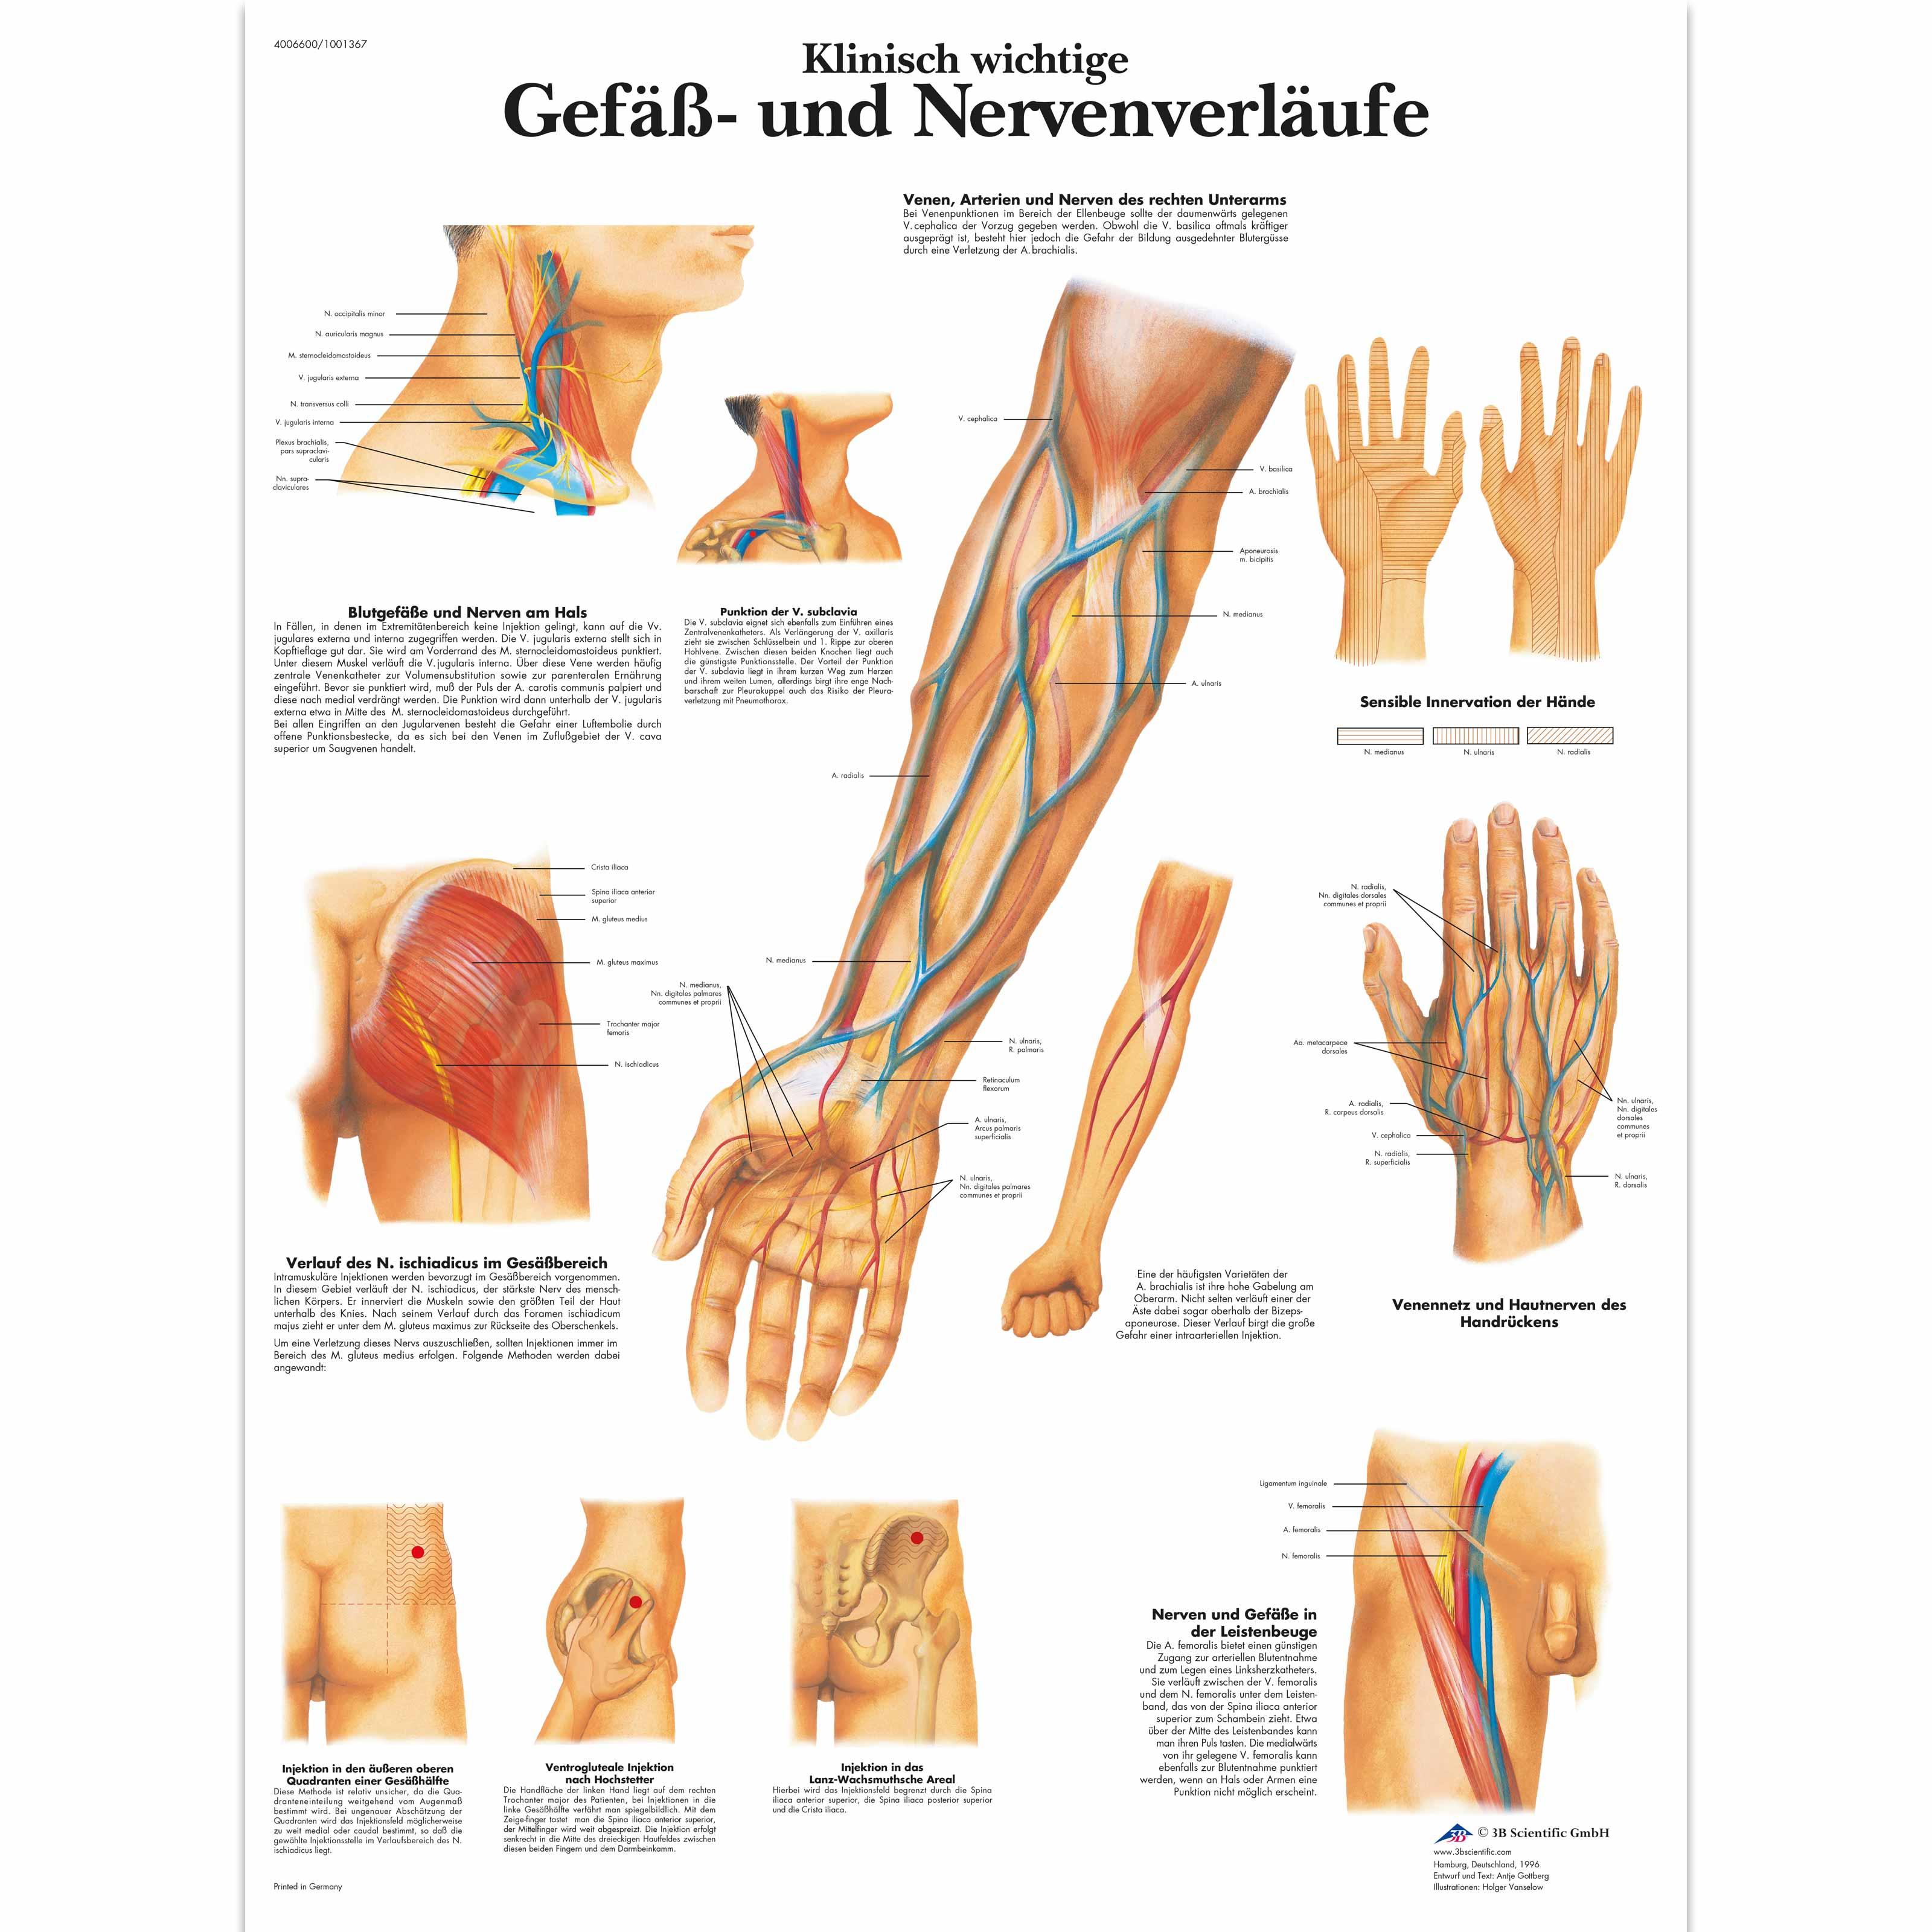 Lehrtafel - Klinisch wichtige Gefäß- und Nervenverläufe - 4006600 ...